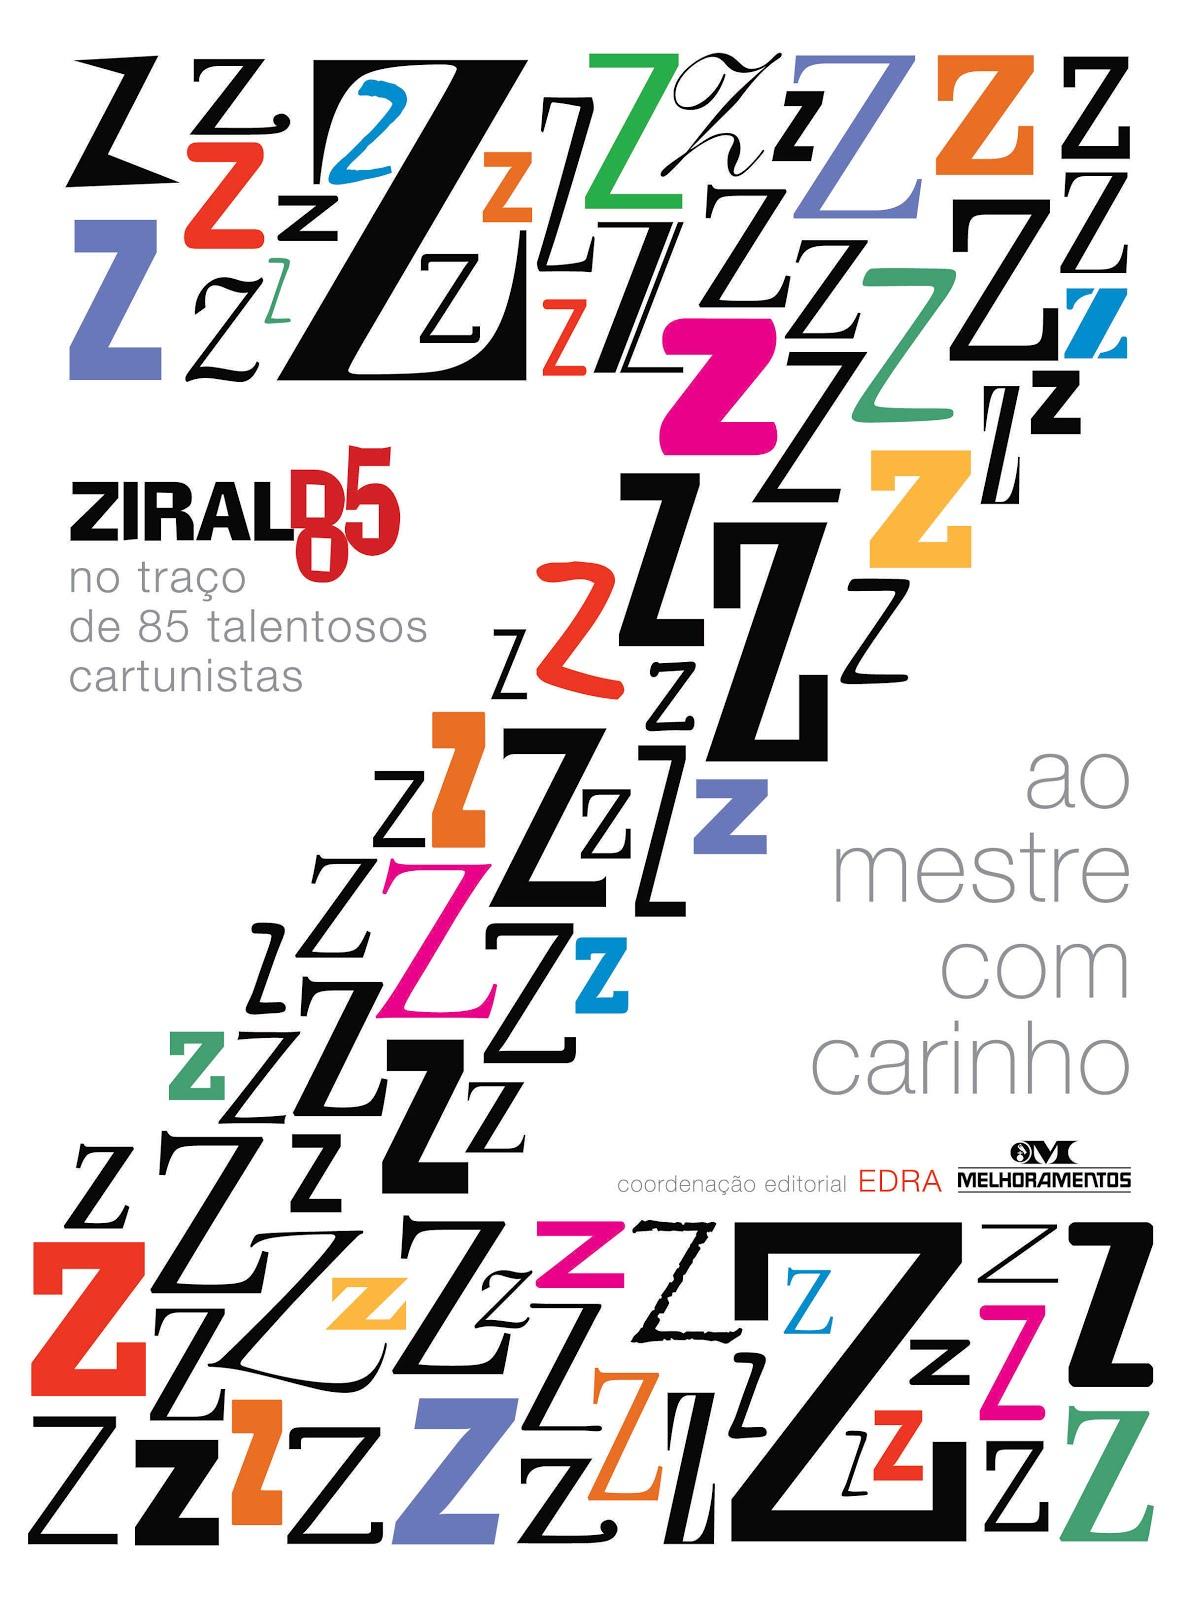 Ziraldo 85 - Ao Mestre Com Carinho